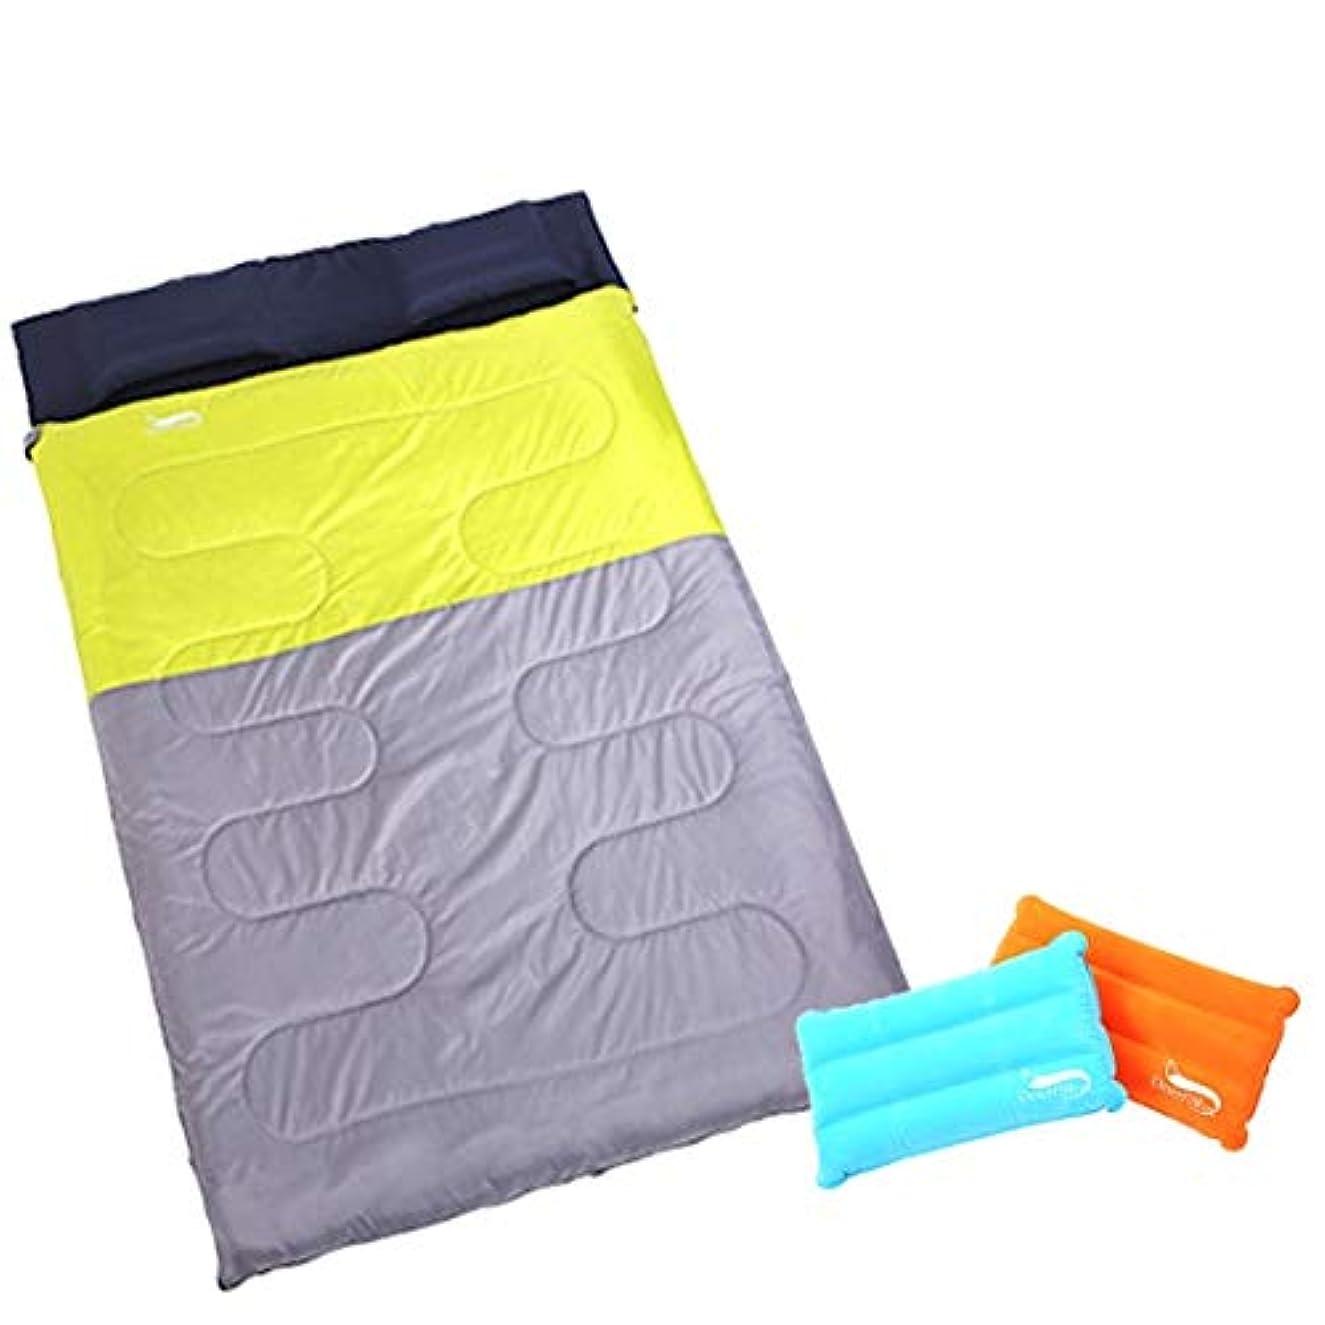 設計活気づける間欠Kerwinner 屋外の寝袋二重春と秋の冬の肥厚キャンプの昼休みの寝袋は分割することができます (Color : Green ash)